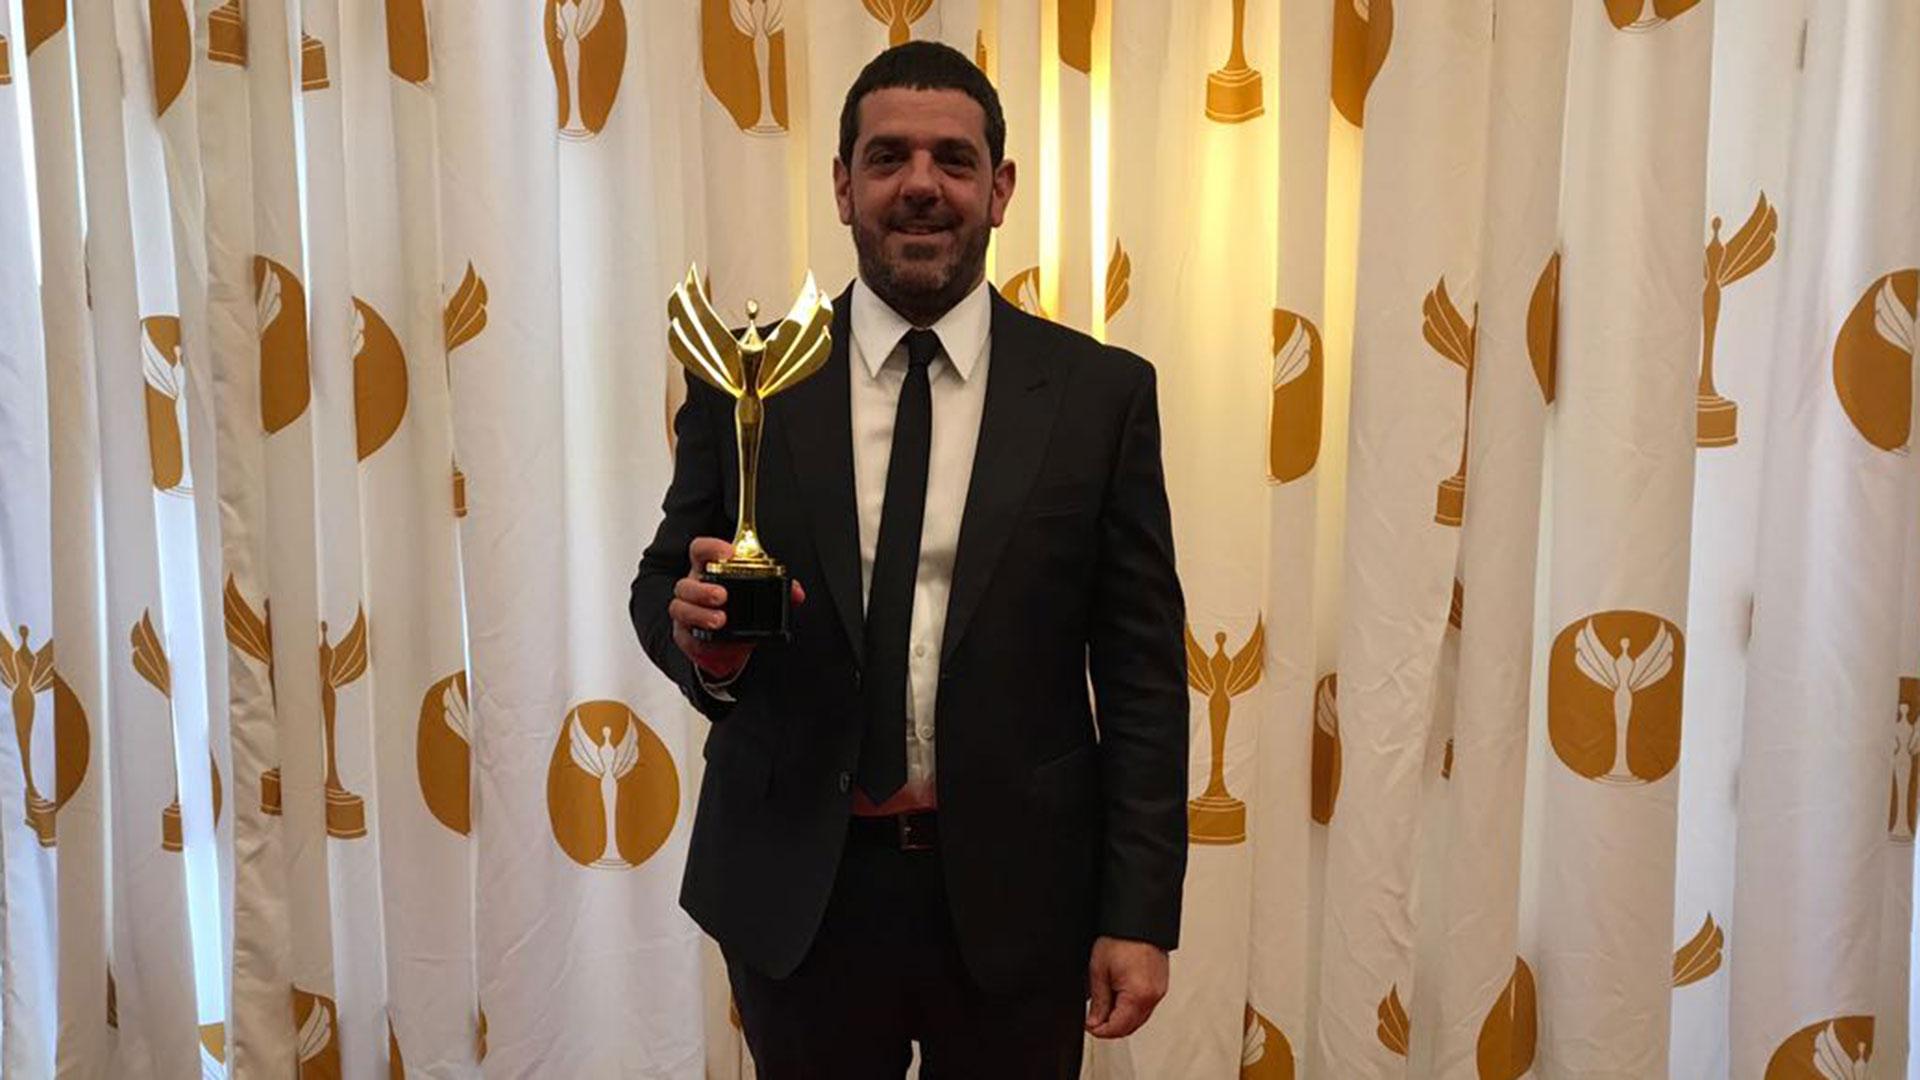 El consultor político argentino Gonzalo Arias fue destacado en una prestigiosa premiación en EEUU